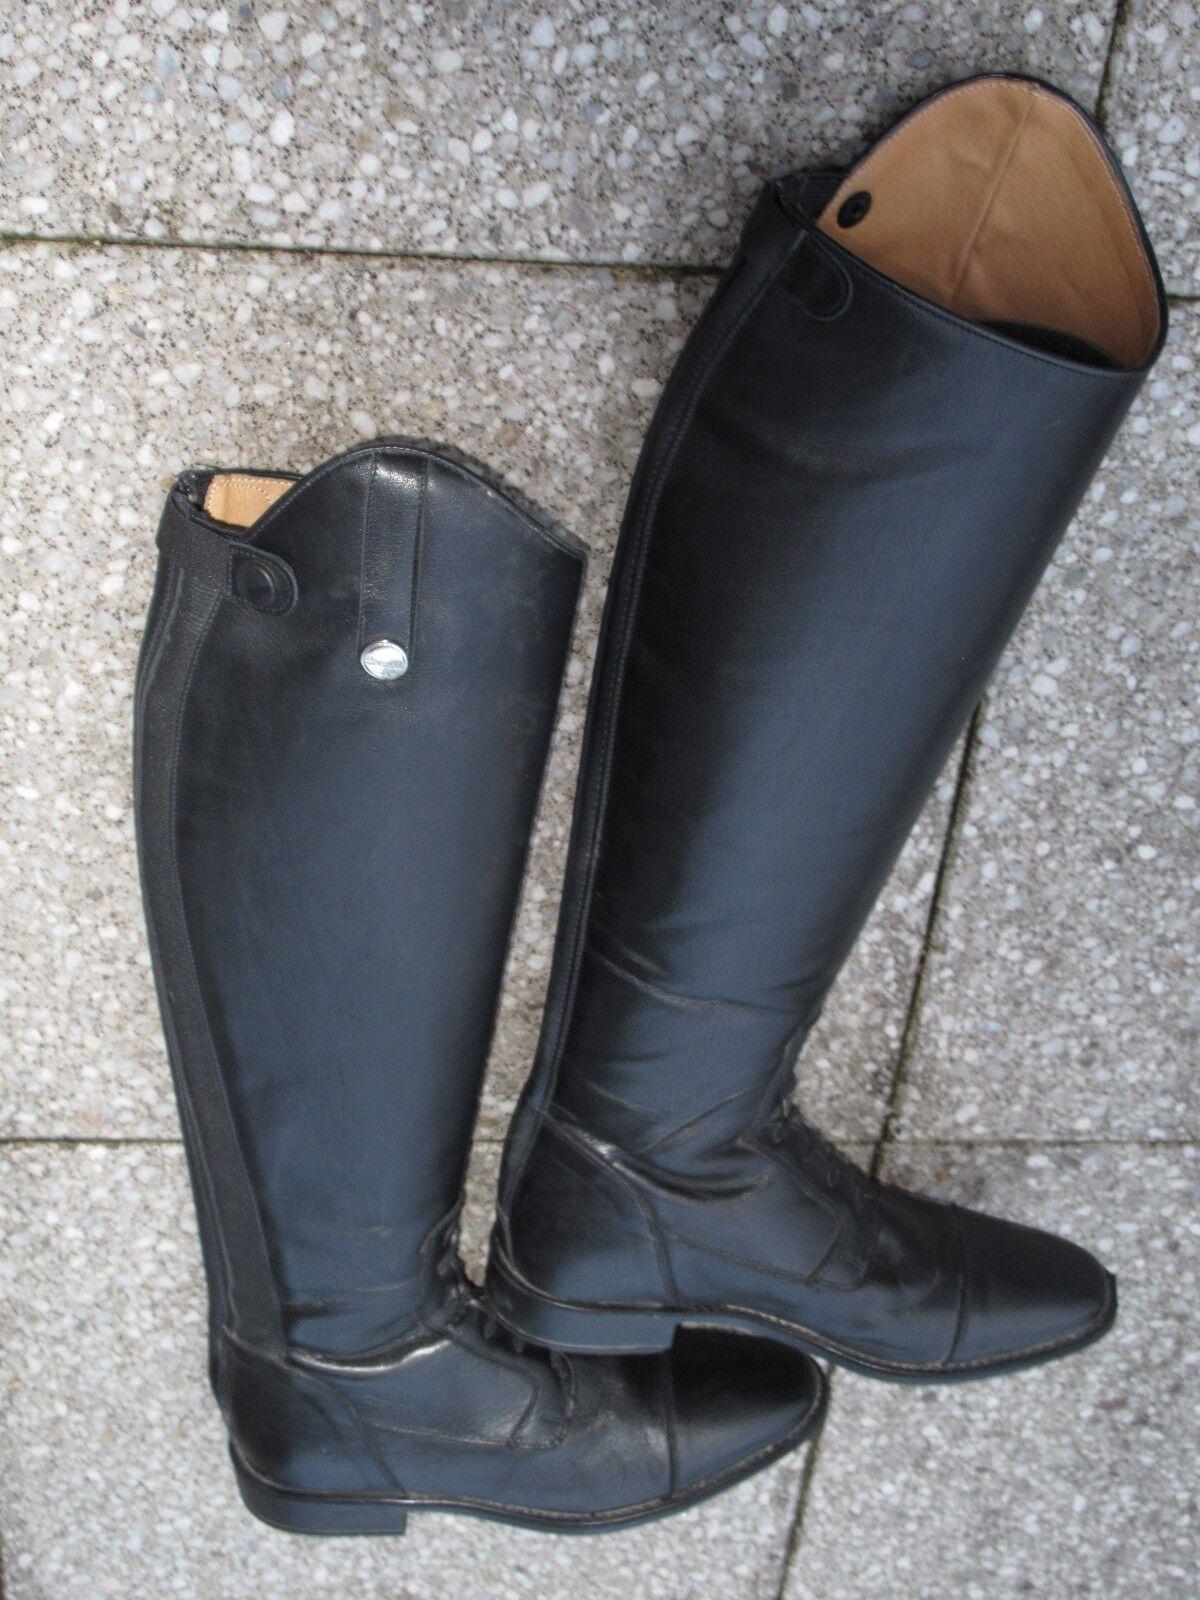 Reitstiefel  Porto Jump Soft , schwarz, Gr. 38, 3 x getragen, Neupreis 190,-